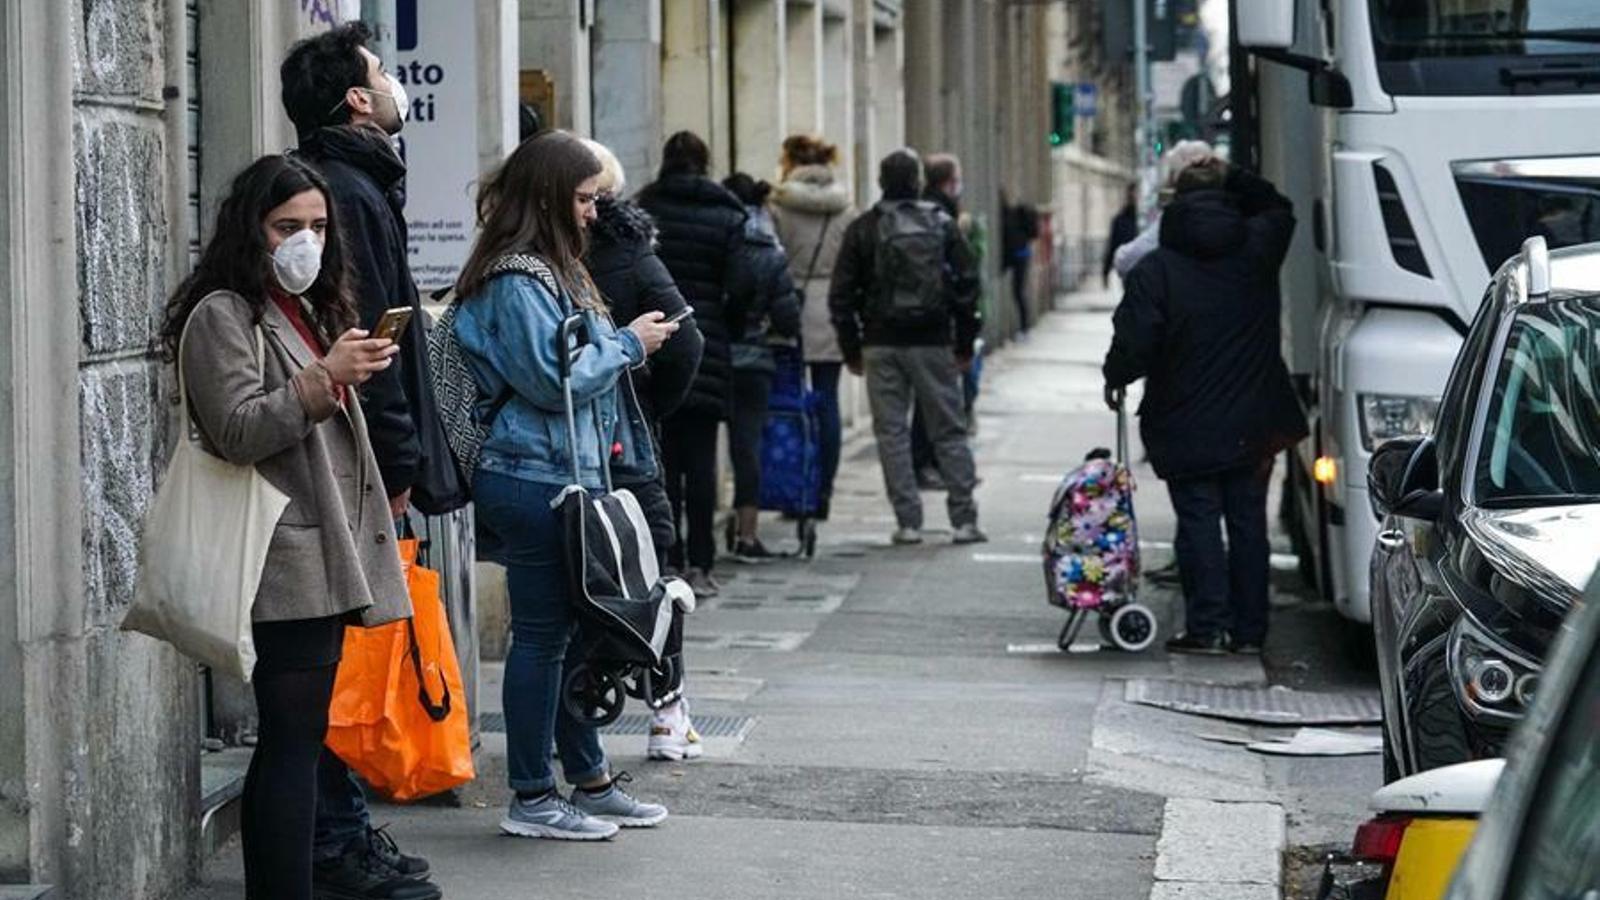 Mascaretes obligatòries per sortir al carrer a la Llombardia quan Itàlia supera els 15.000 morts